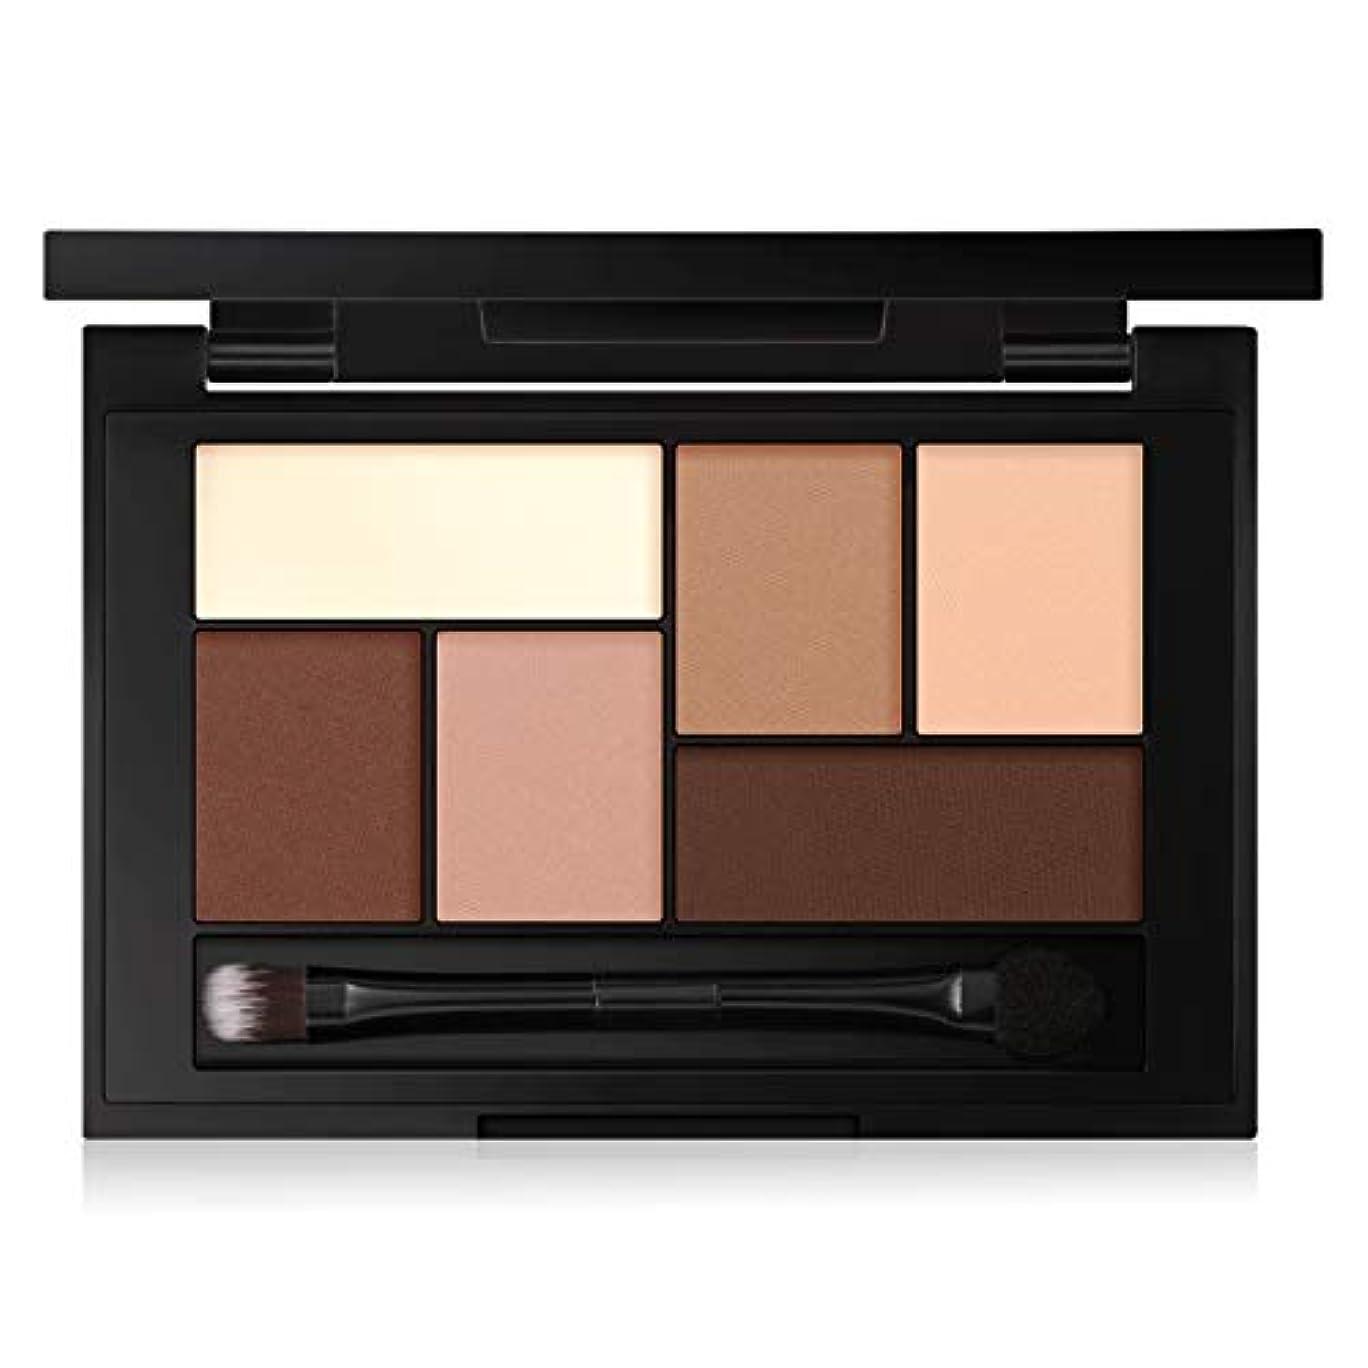 マウントバンクバラエティ何故なのSACE LADY Eyeshadow Palette Highly Pigmented Matte and Shimmer Finish Eye Makeup 12g/0.4oz